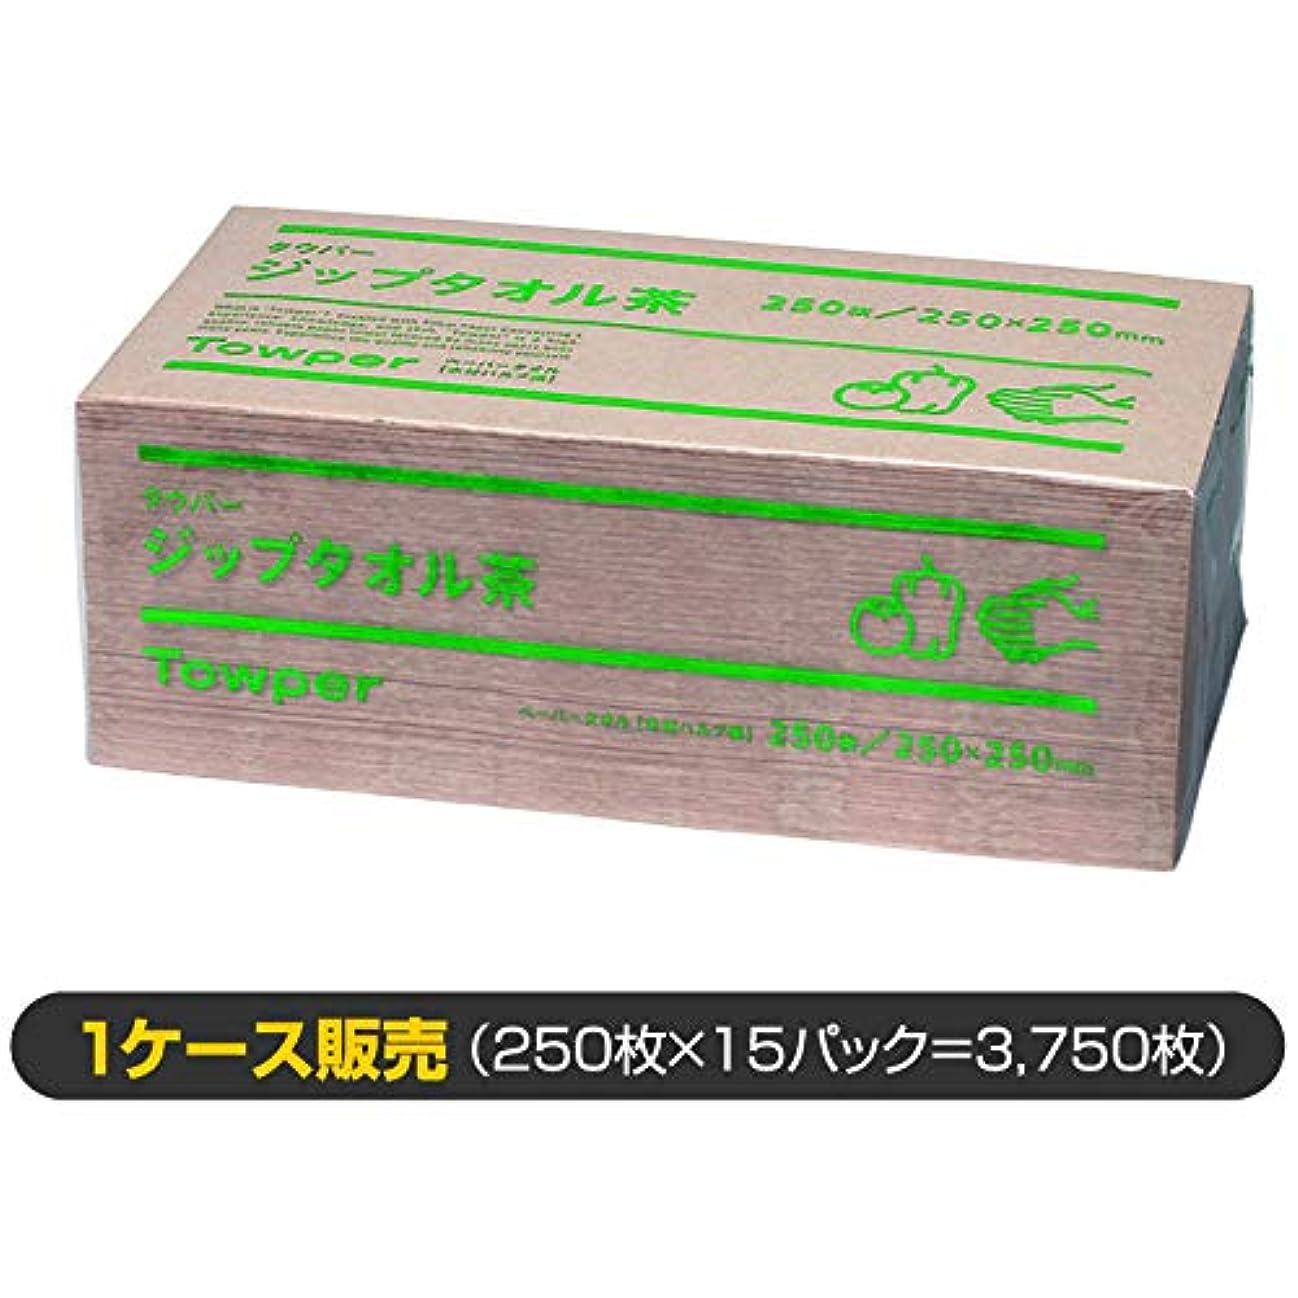 魅力四半期電話ペーパータオル ジップタオル(茶) /1ケース販売(清潔キレイ館/大判サイズ用)